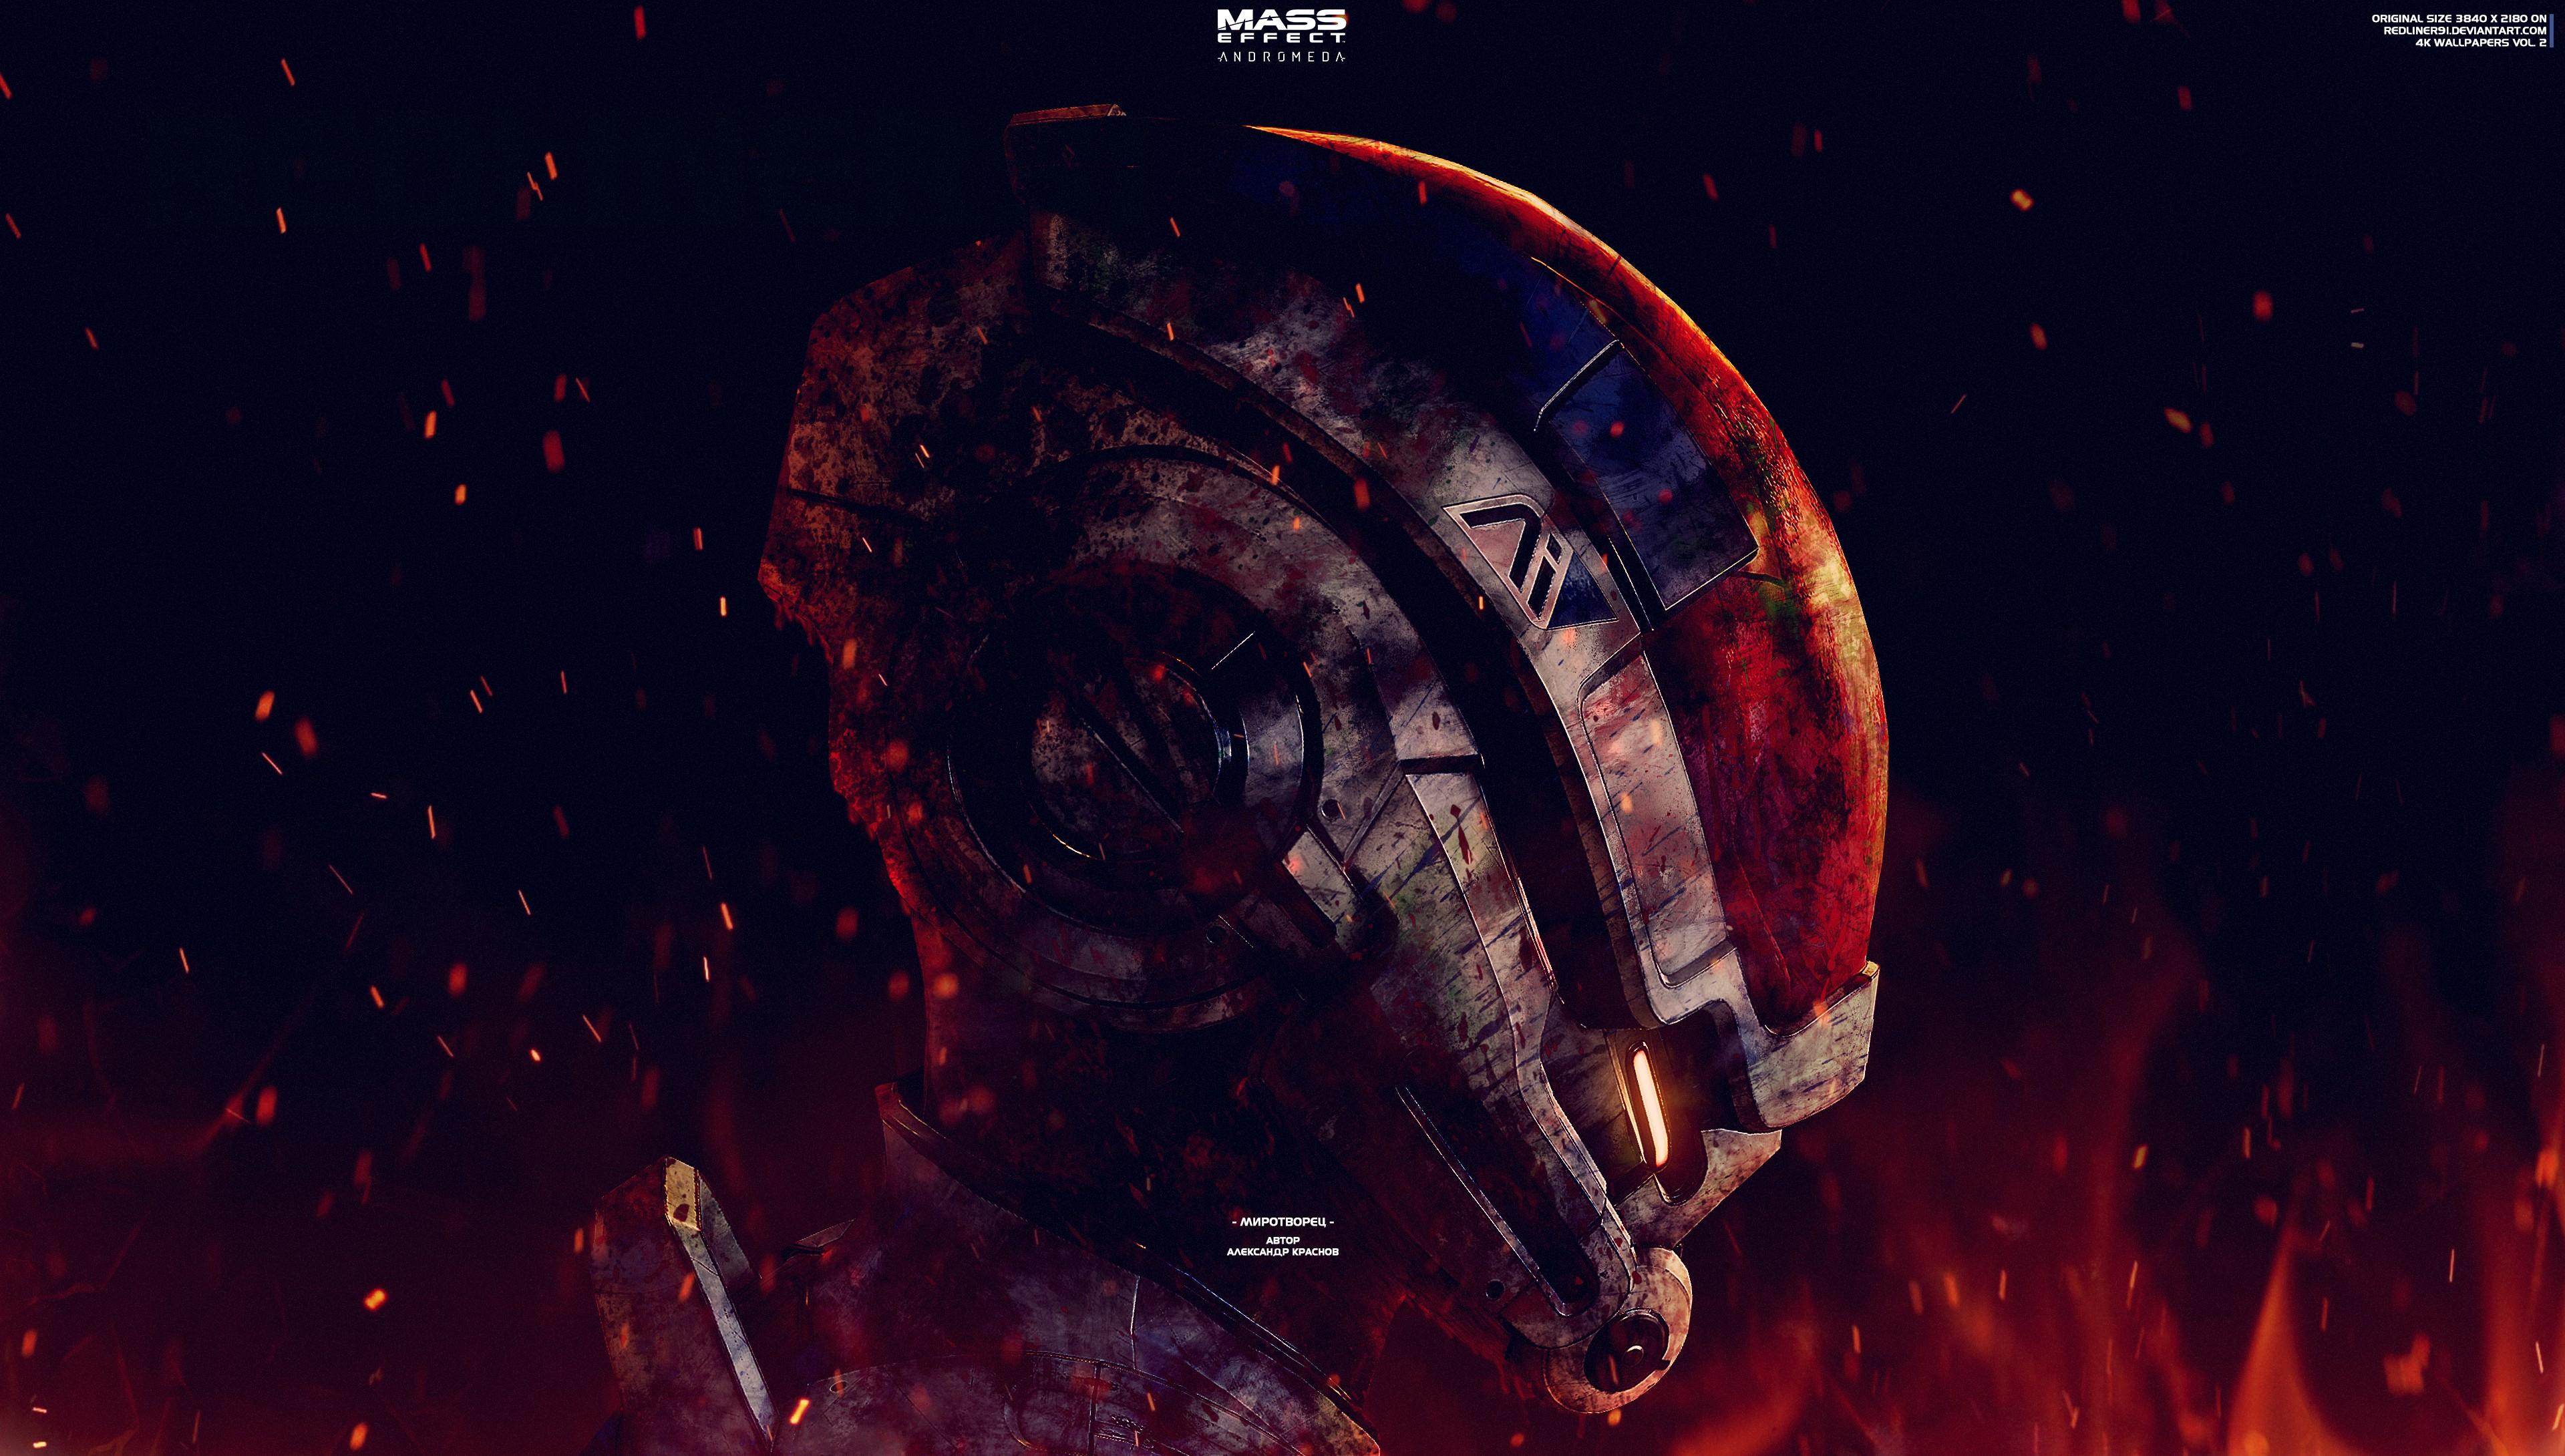 Mass Effect Andromeda Initiative Mass Effect Mass Effect